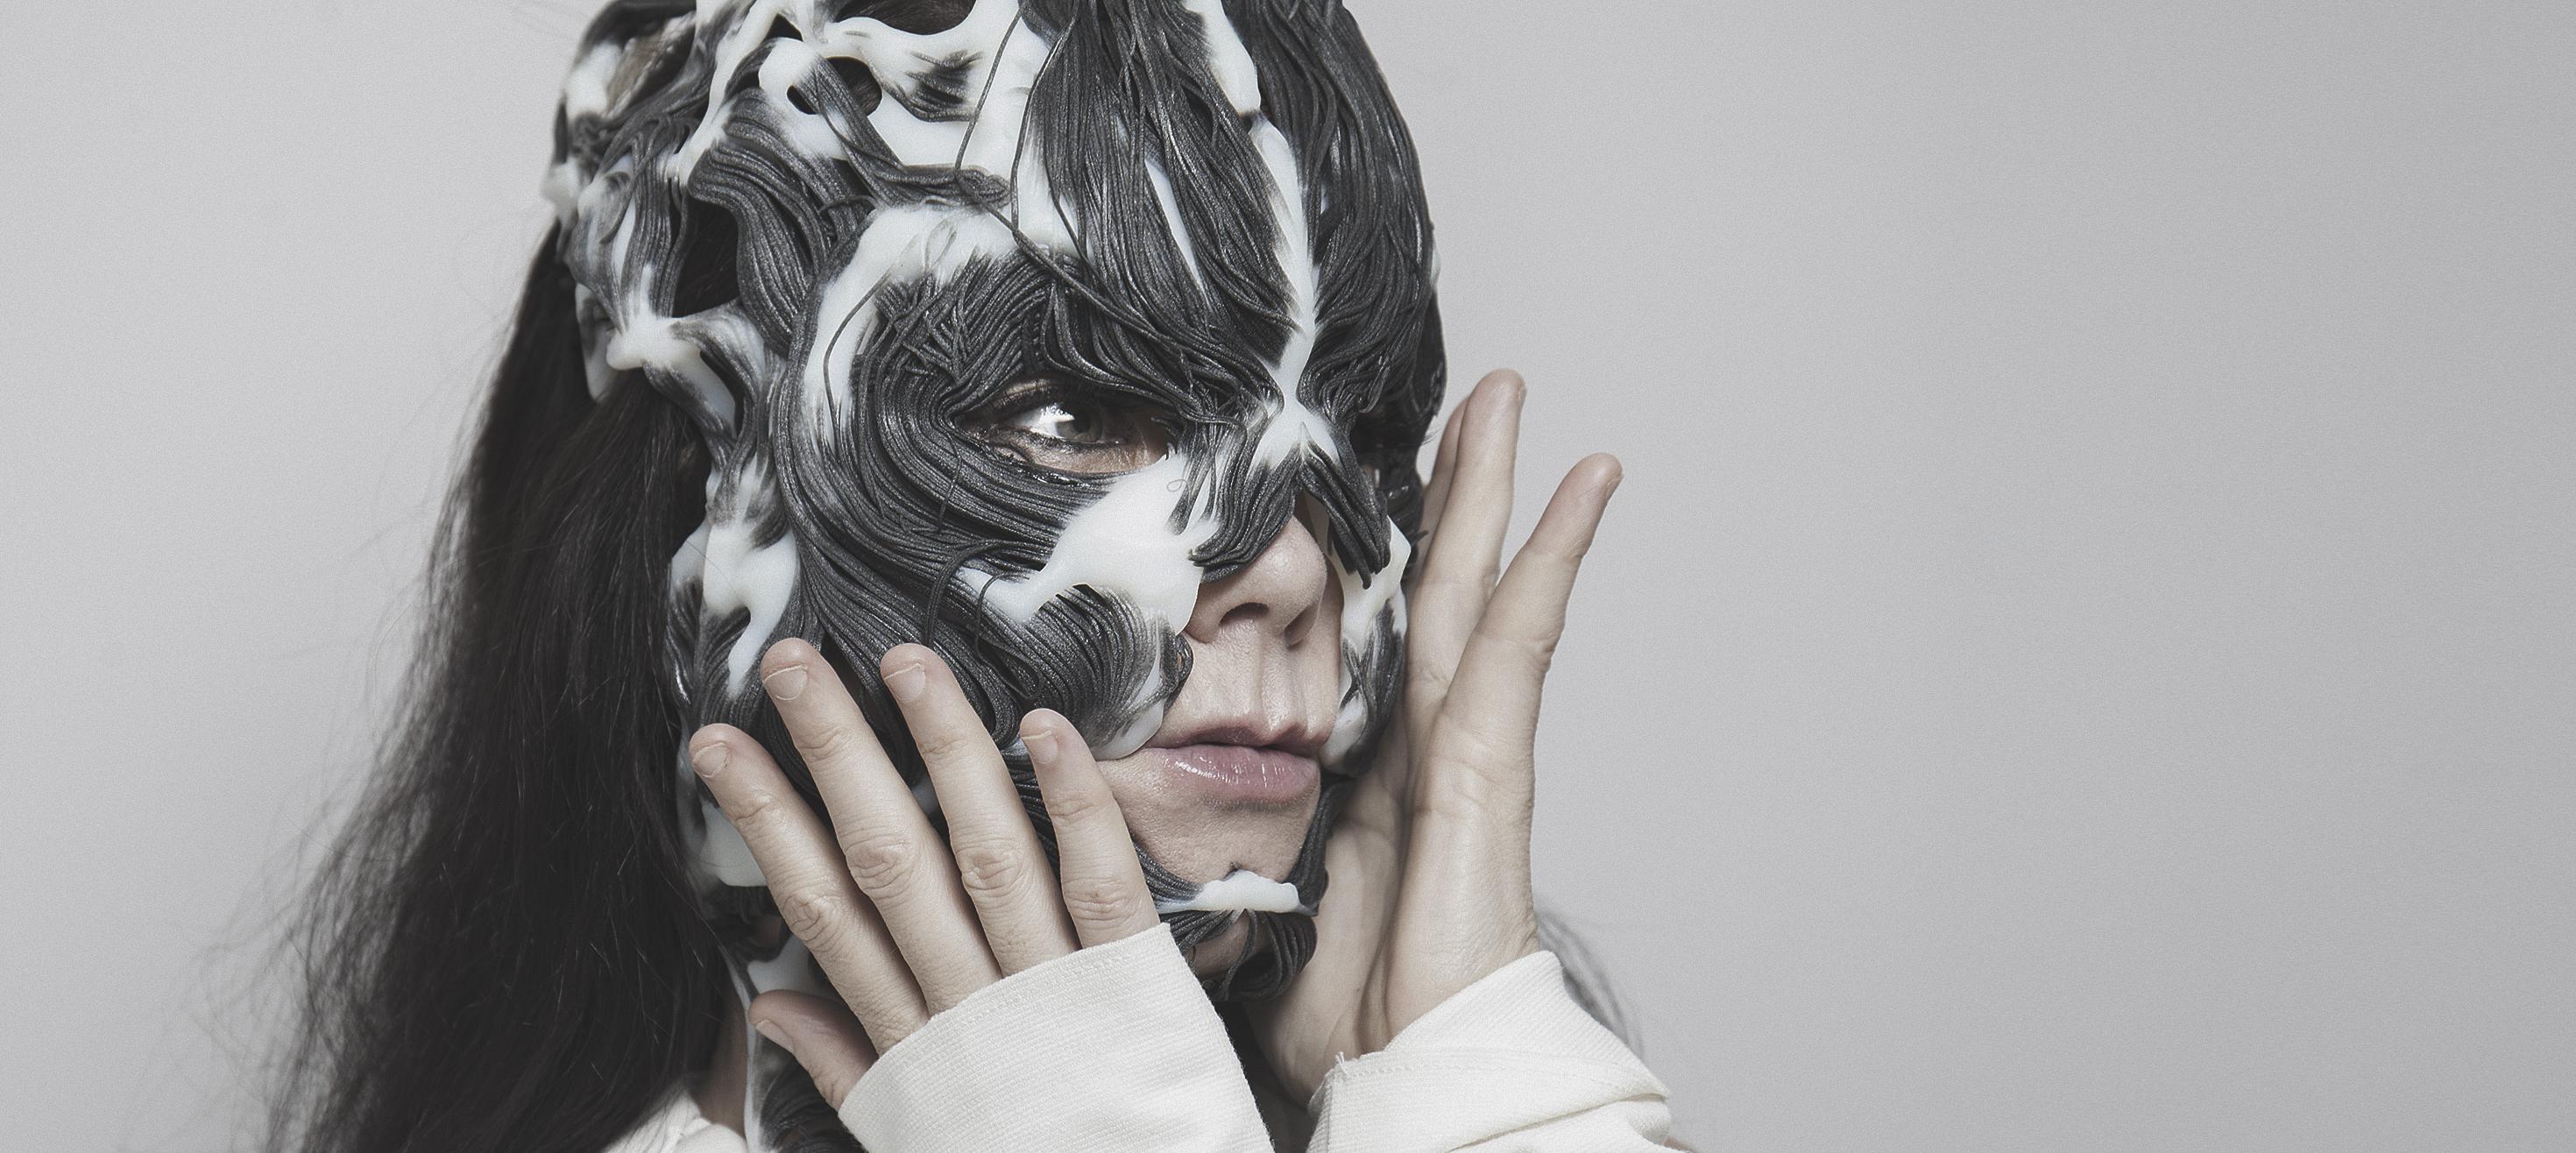 """Björk und die 3D-gedruckte Maske """"ROTTLACE"""", entworfen von Neri Oxman und THE MEDIATED MATTER GROUP, produziert mit Multimaterial- und Multifarb-3D-Drucktechnologie von Stratasys"""